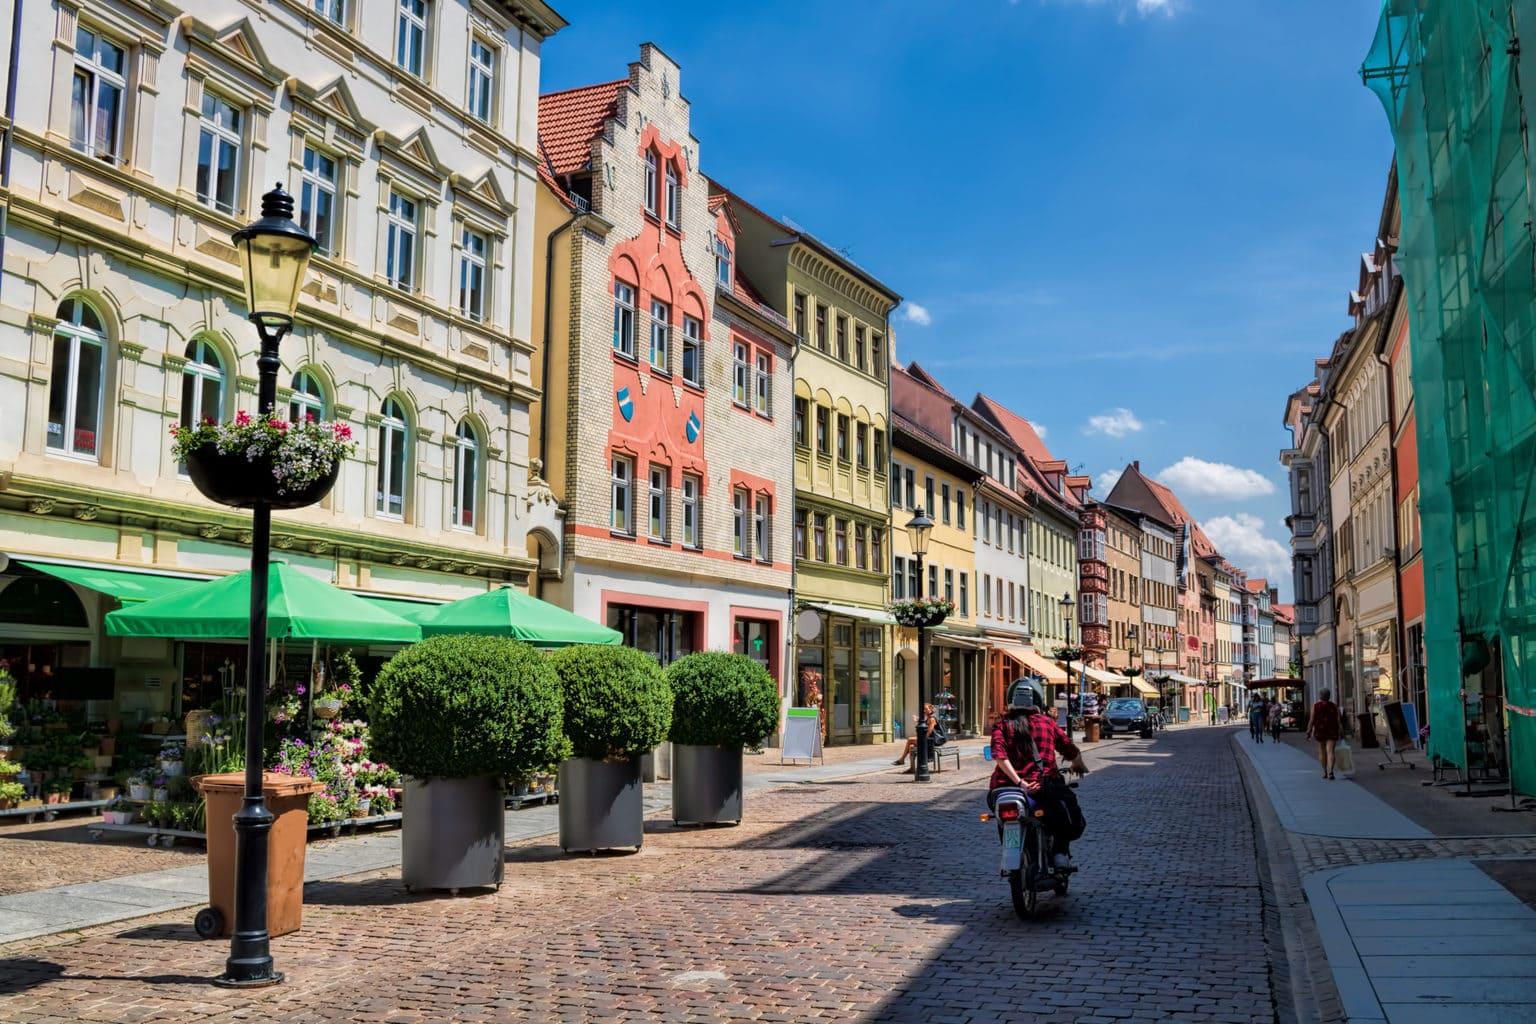 De binnenstad van Naumburg an der Saale